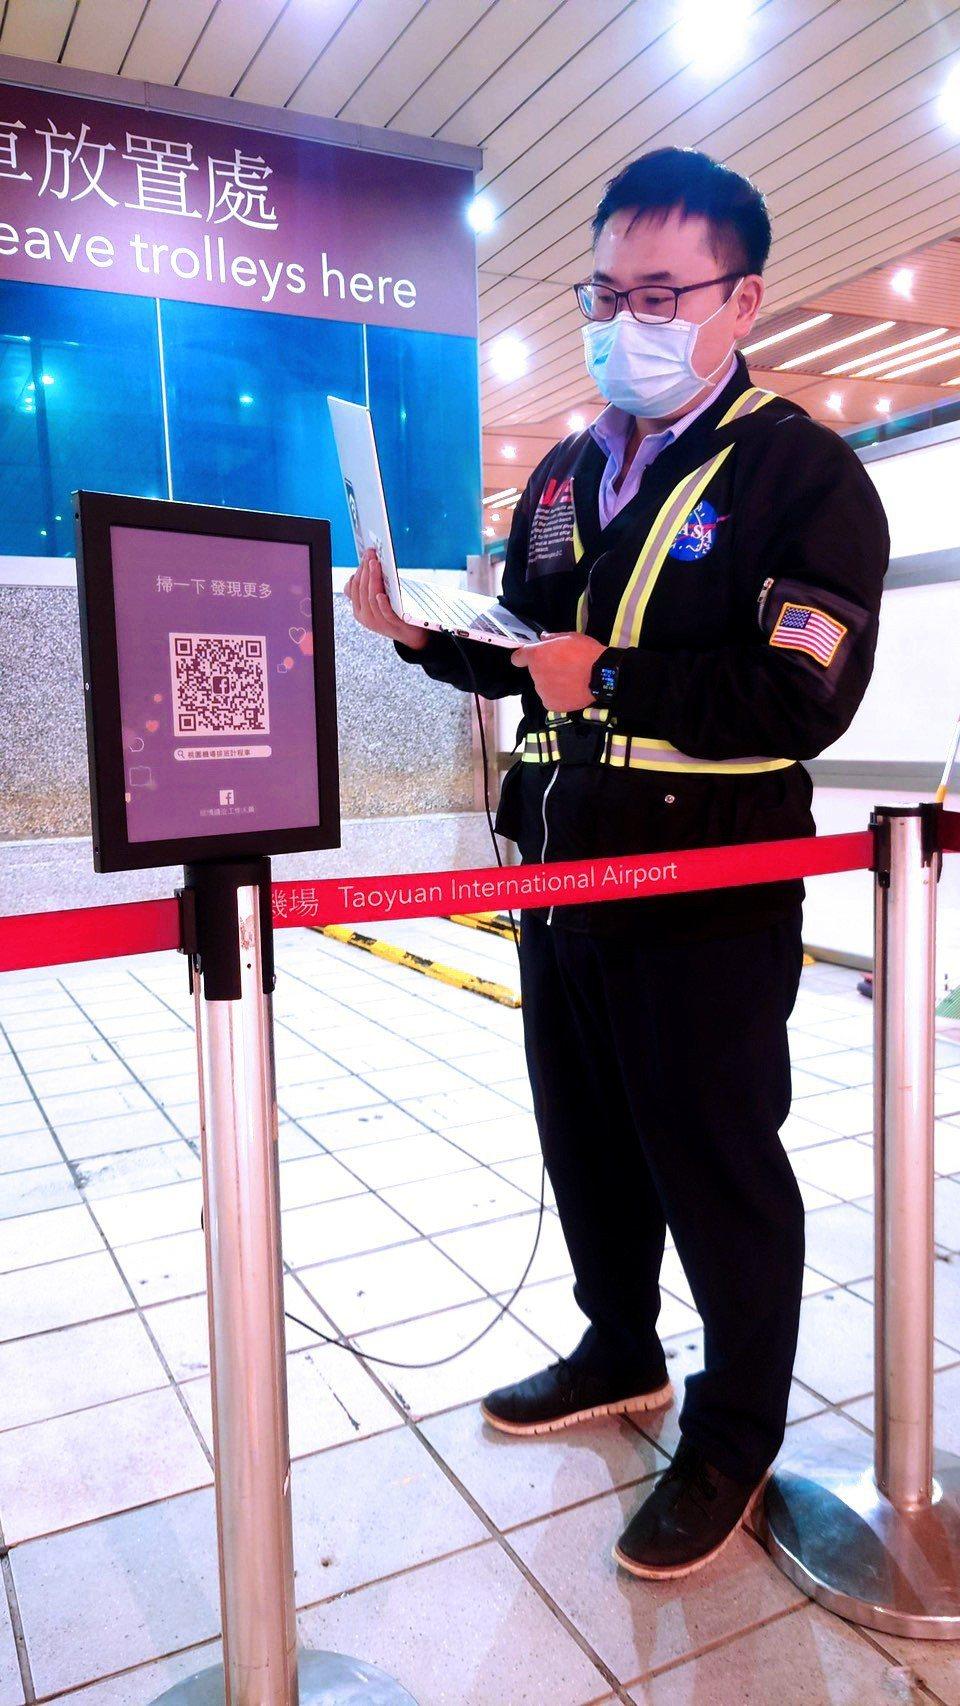 彩色電子紙看板系統主要用於公眾運輸場域的告示牌、公共顯示廣告,提升資訊投放靈活度...